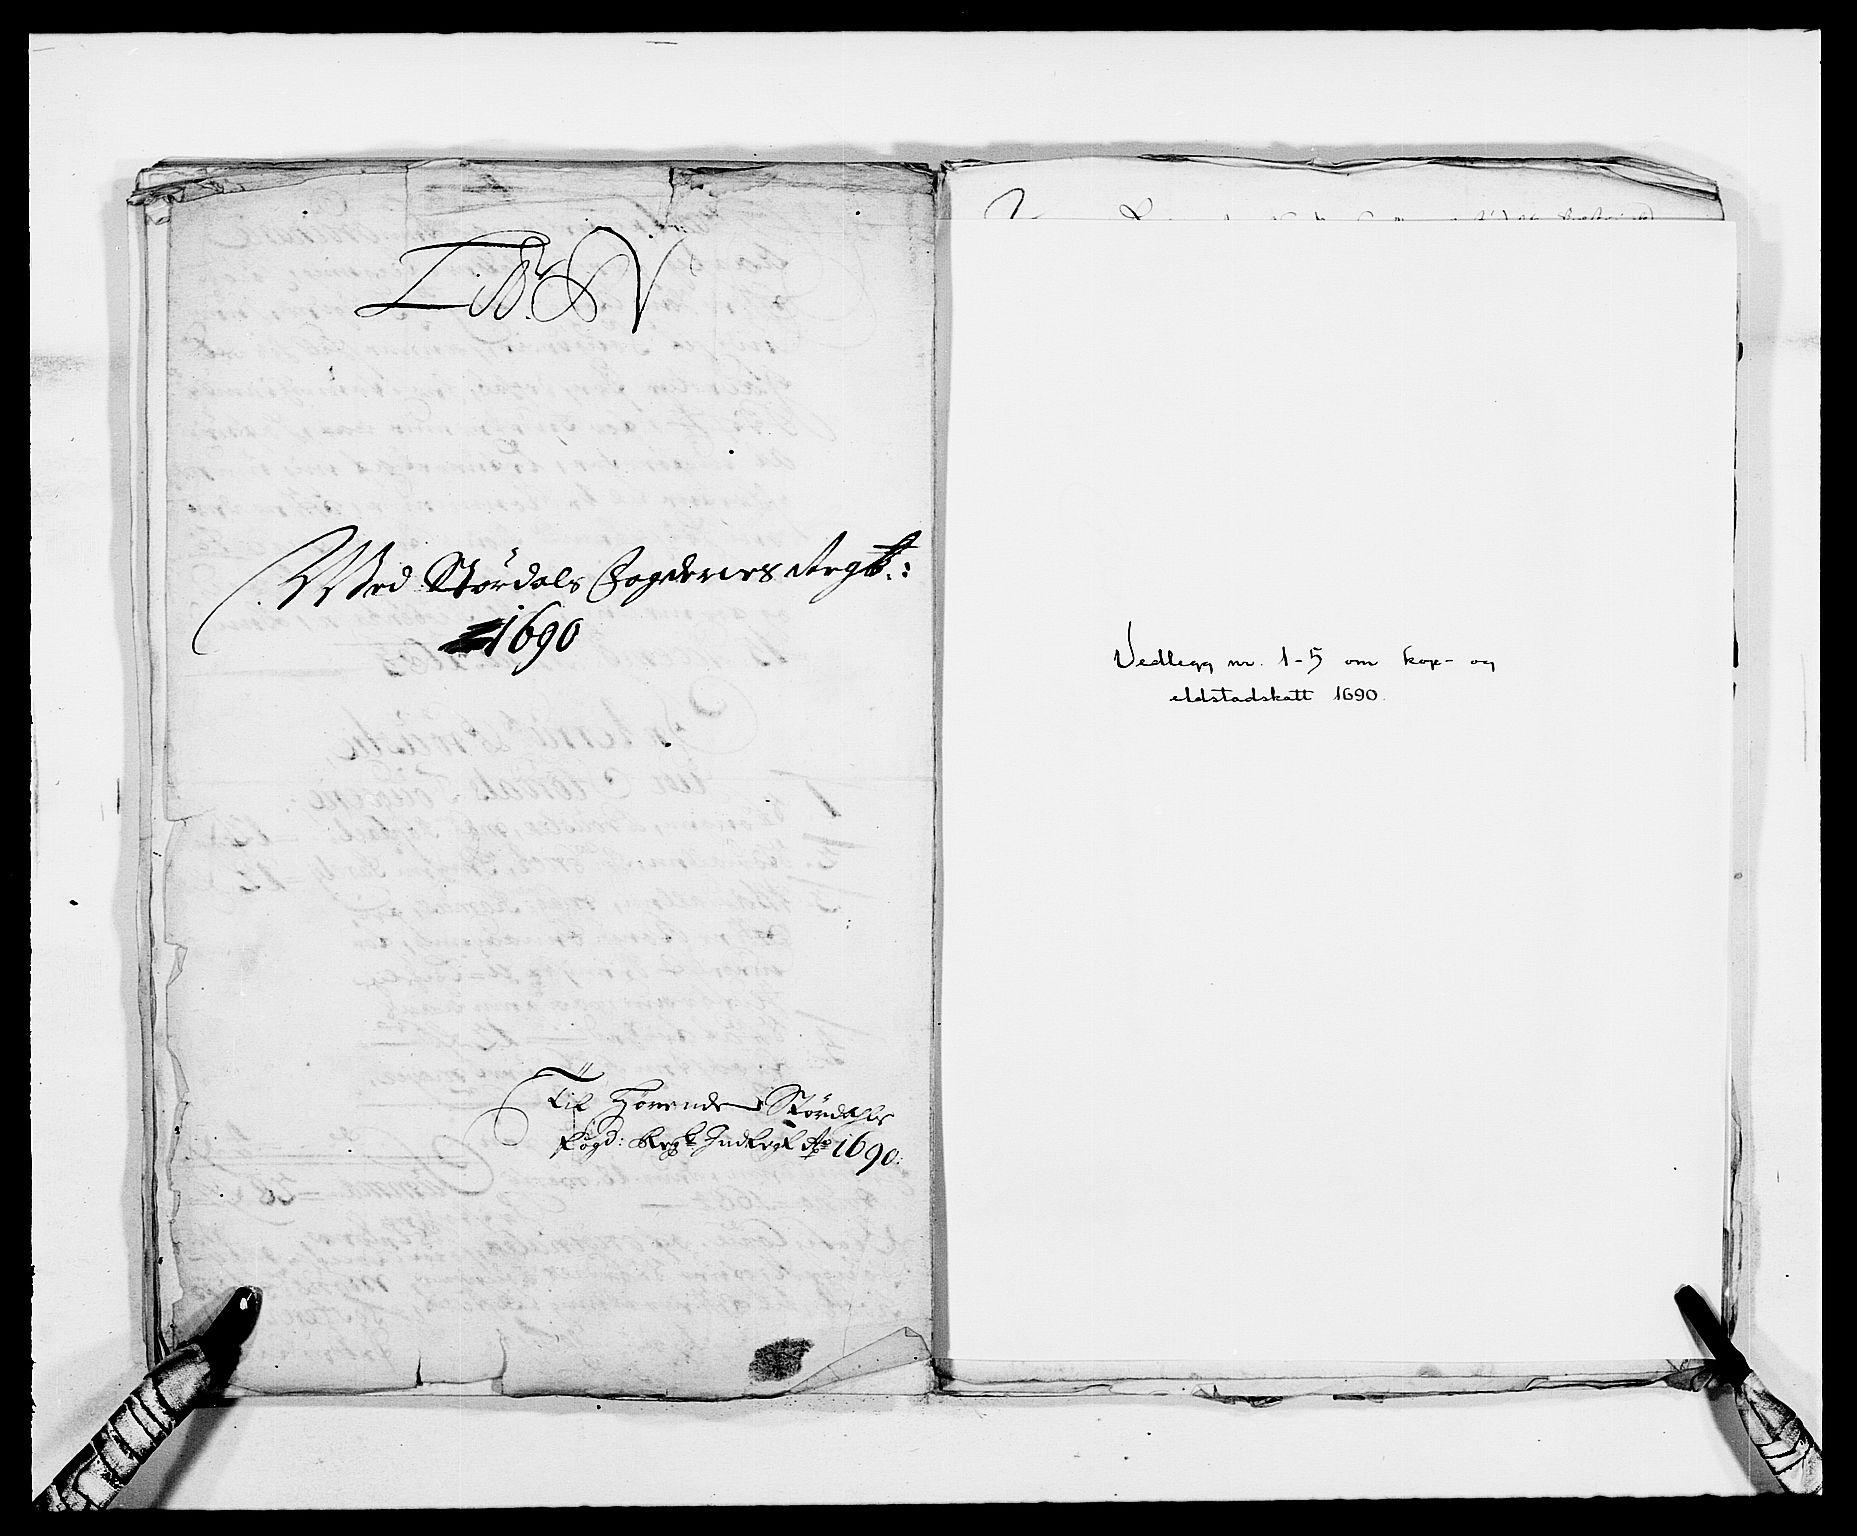 RA, Rentekammeret inntil 1814, Reviderte regnskaper, Fogderegnskap, R62/L4184: Fogderegnskap Stjørdal og Verdal, 1690-1691, s. 179